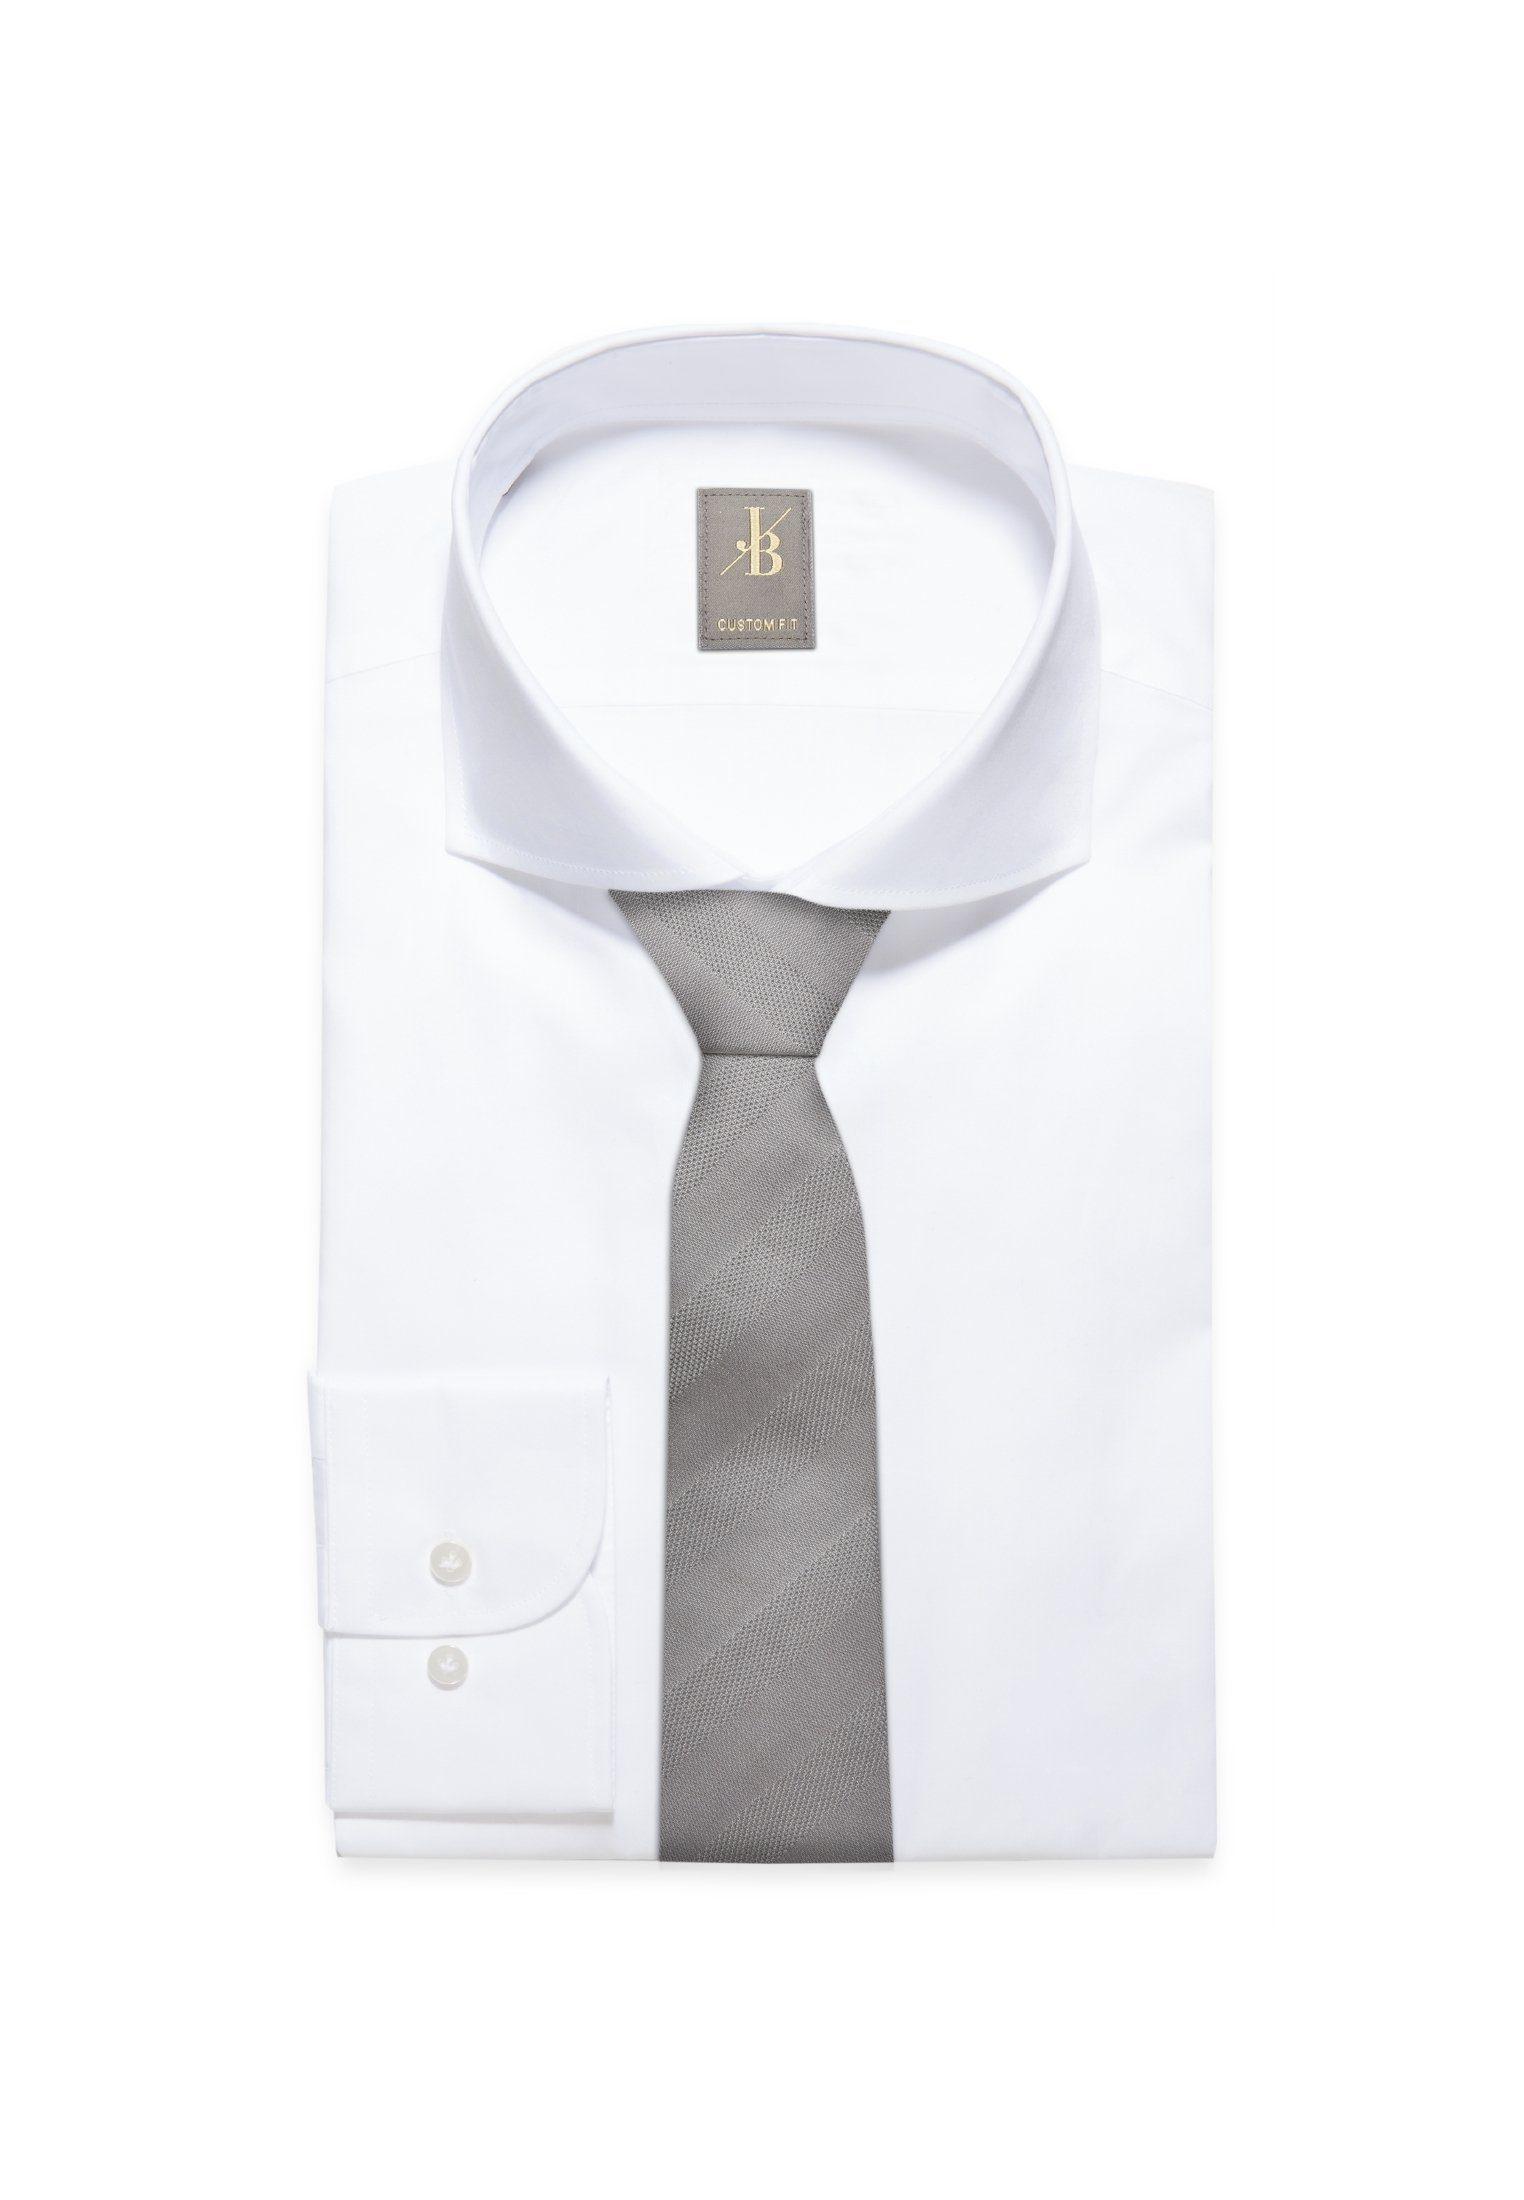 Britt Jacques »custom Fit« Krawatte Fit« Krawatte Britt »custom Jacques 4qcSjR35AL